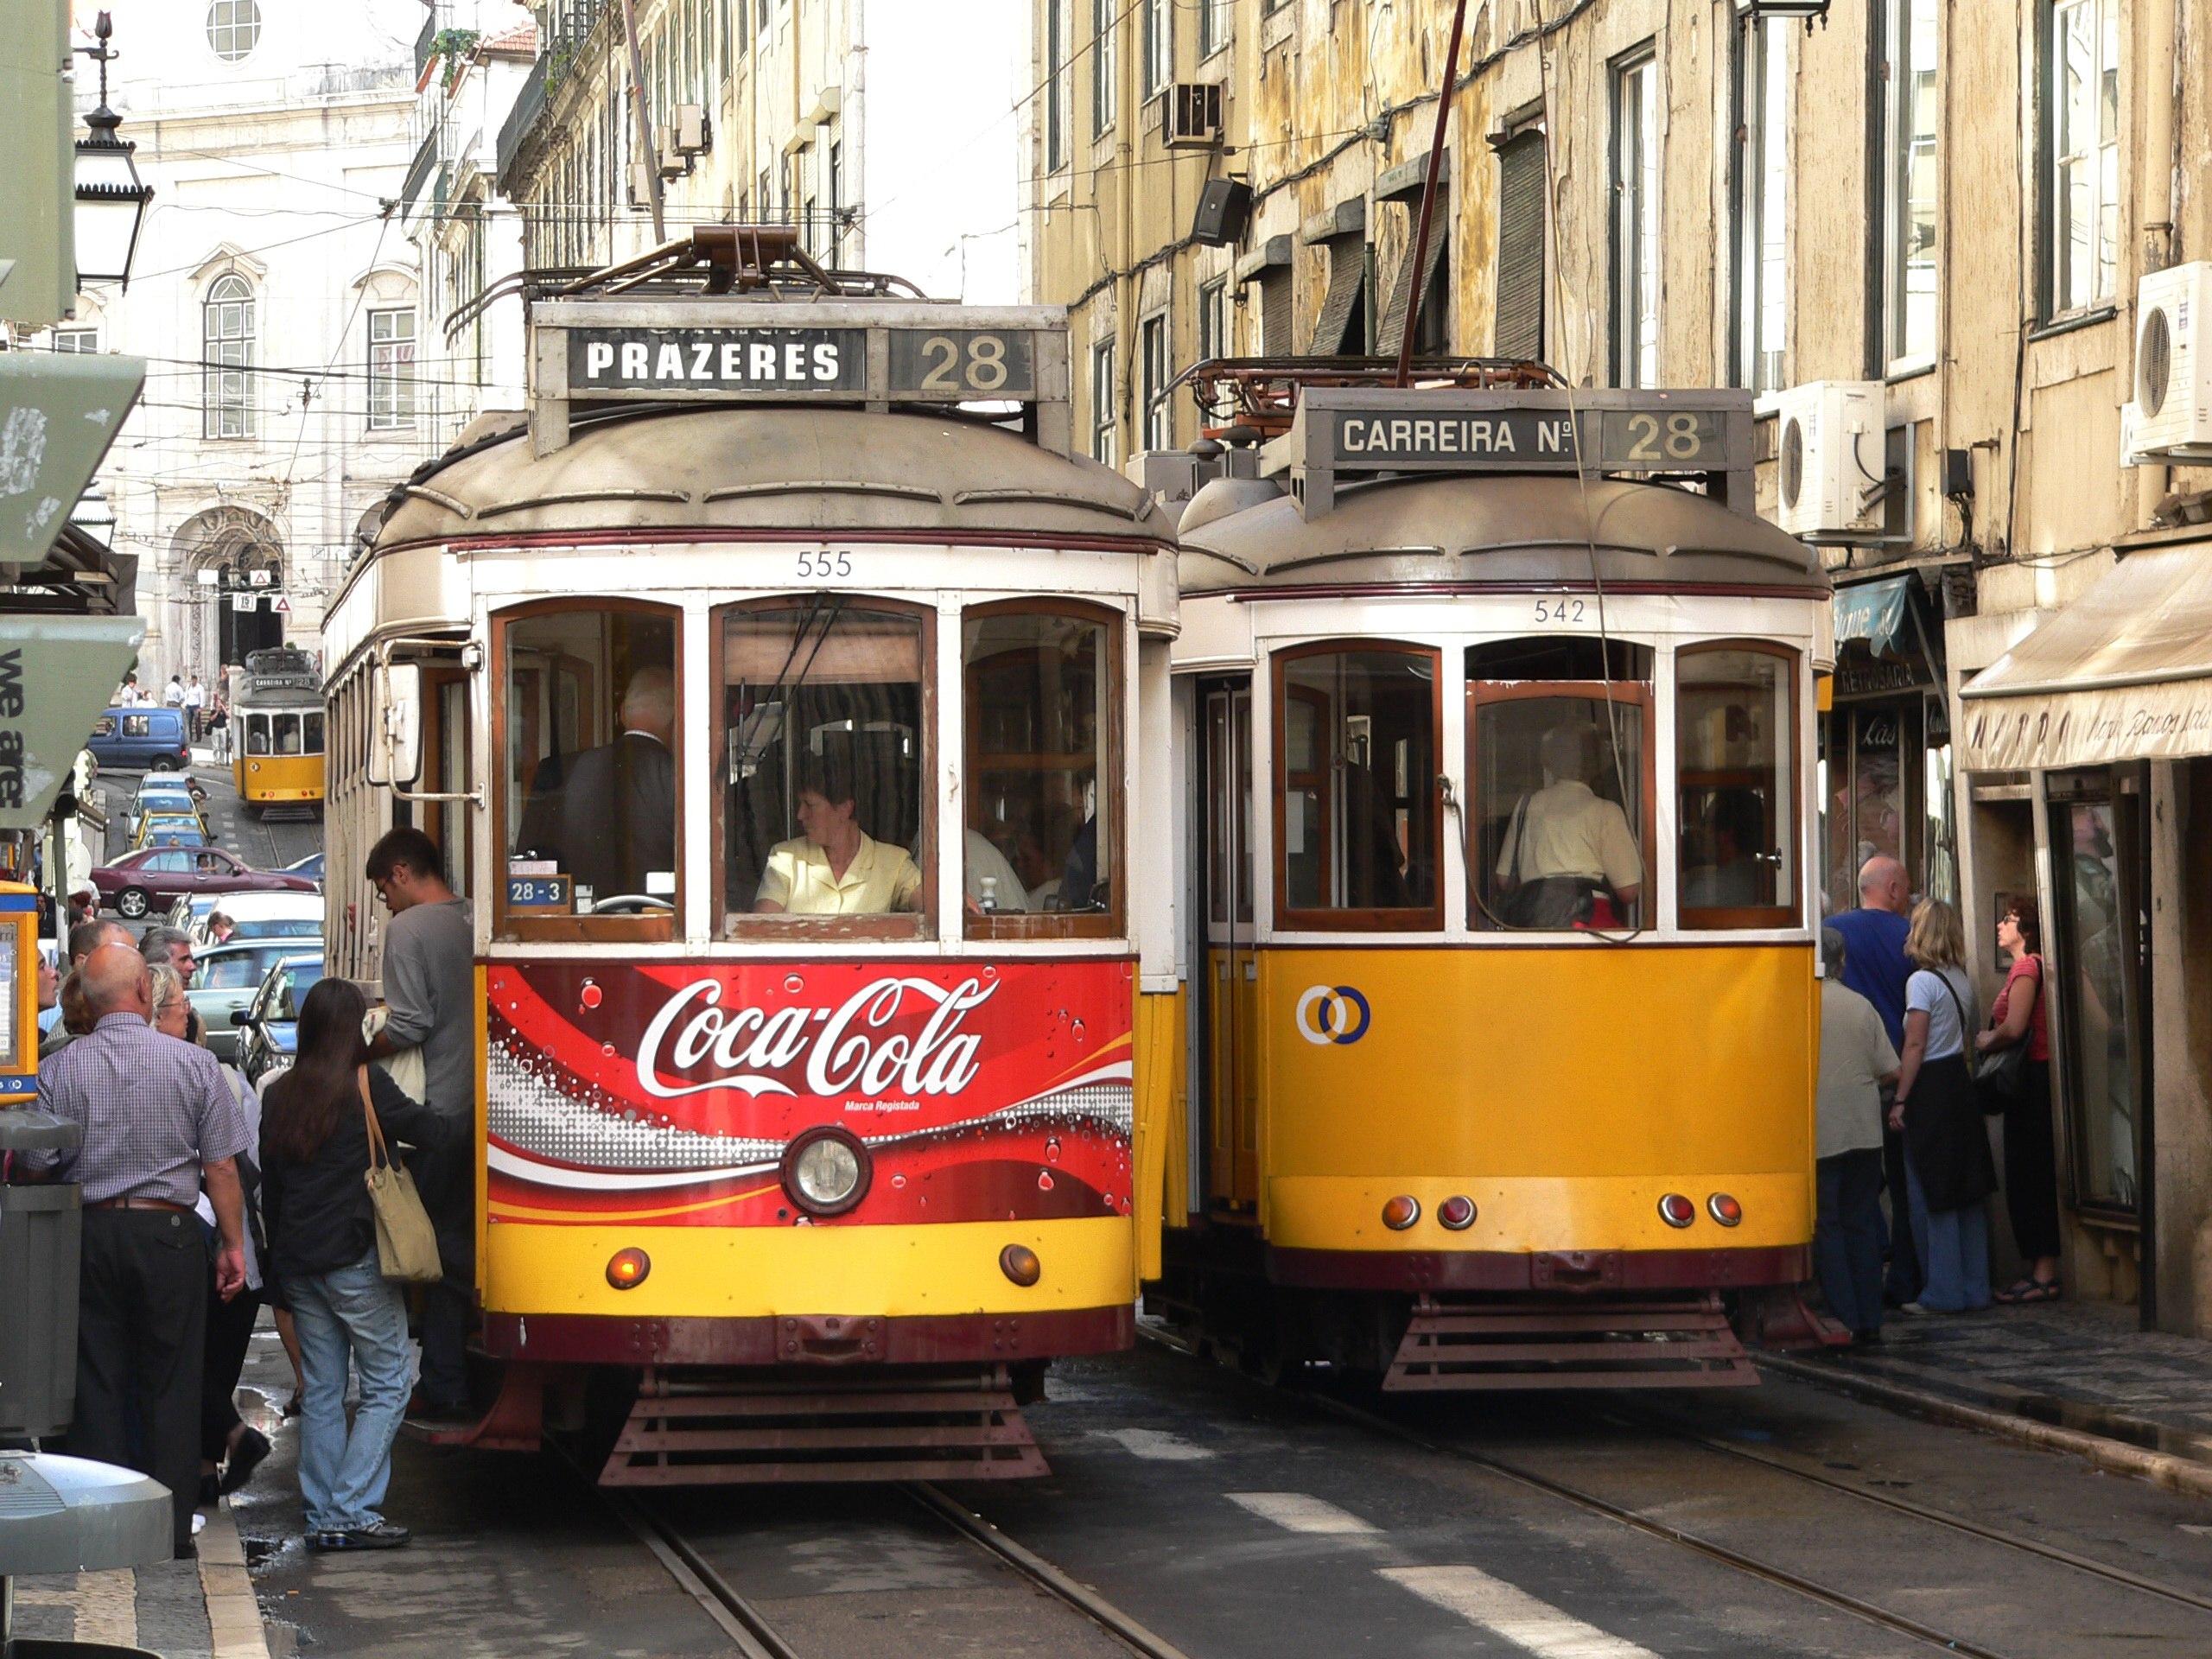 Hai visto? Consigli per un Tour del Portogallo